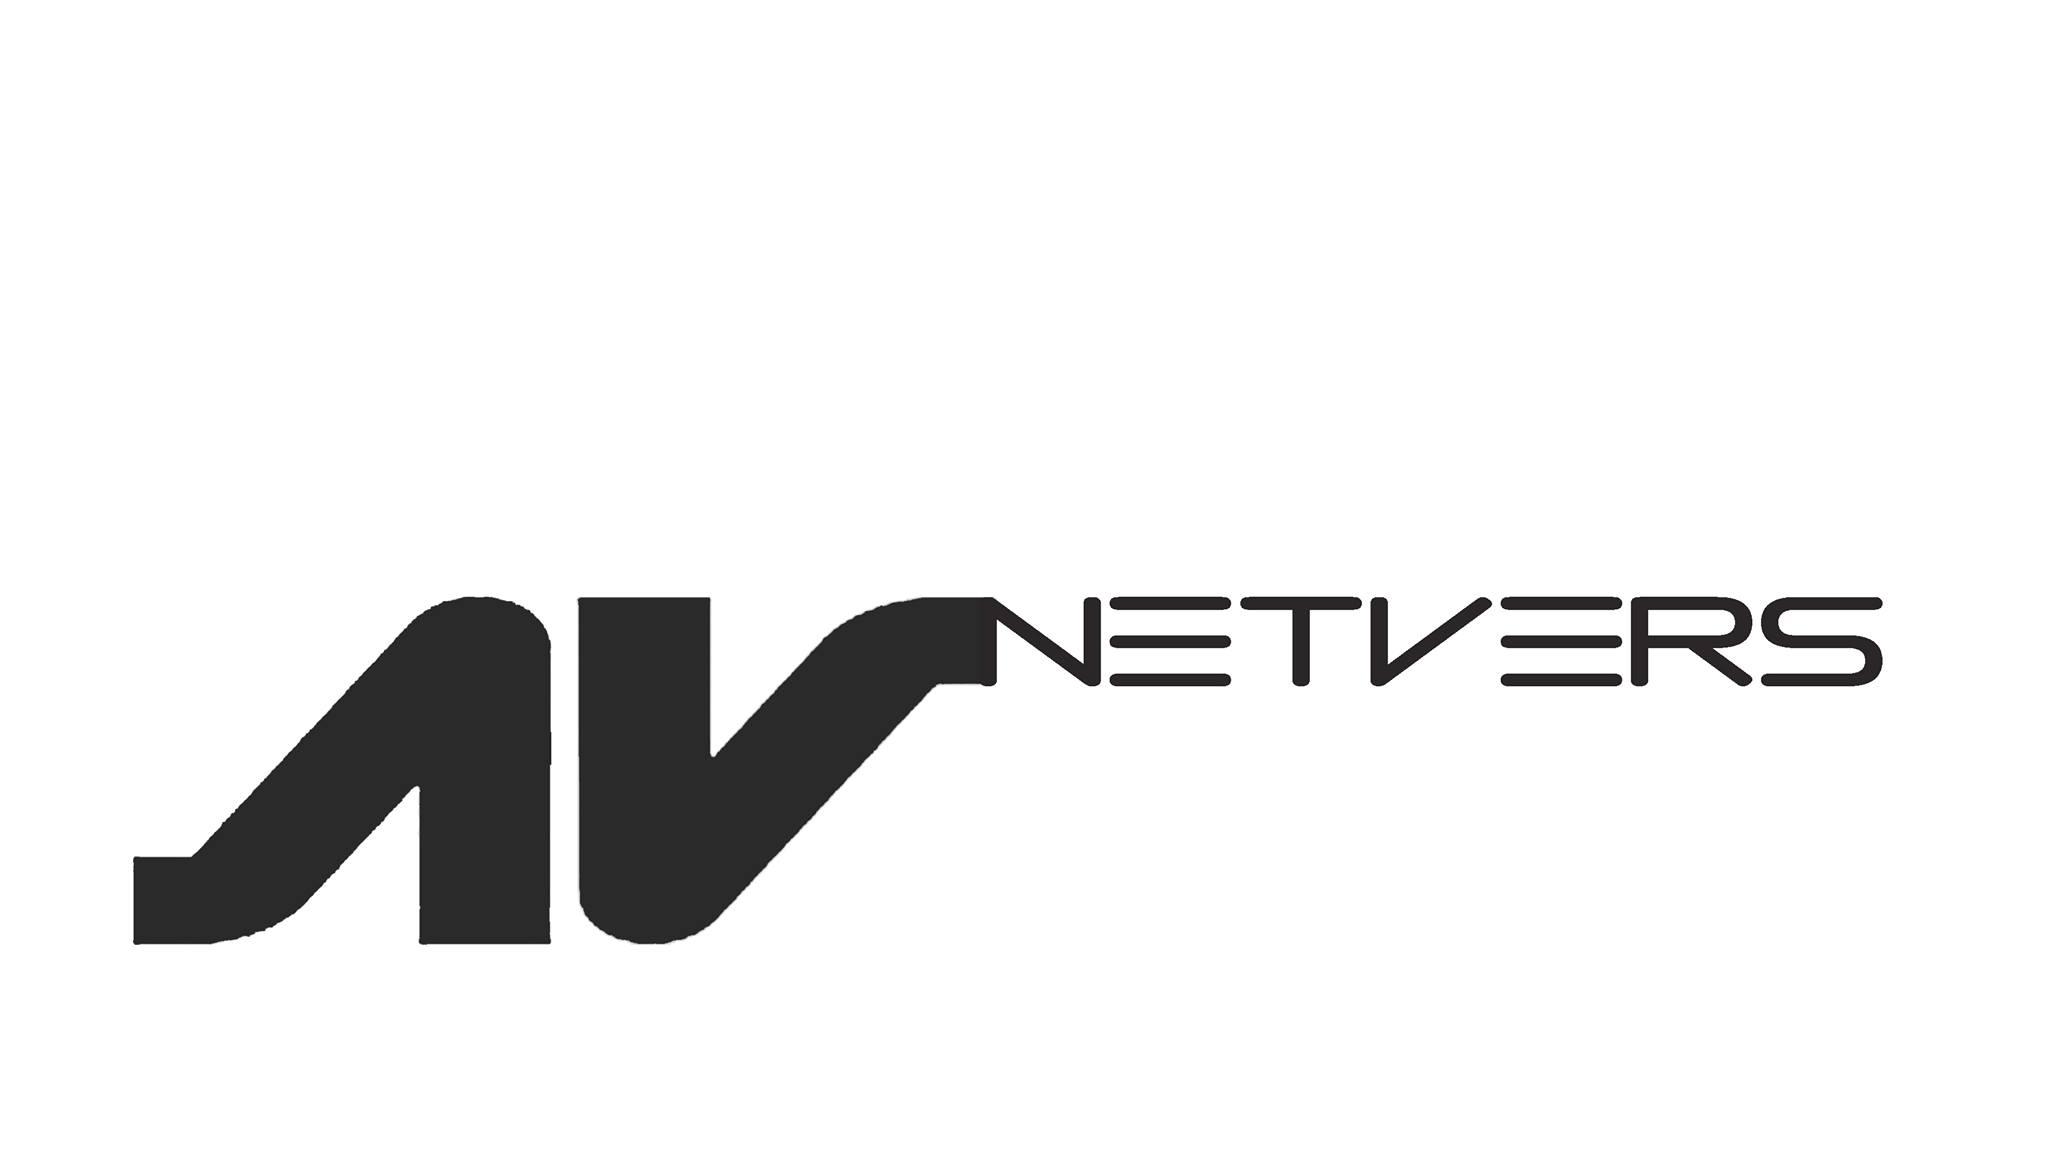 NETVERS